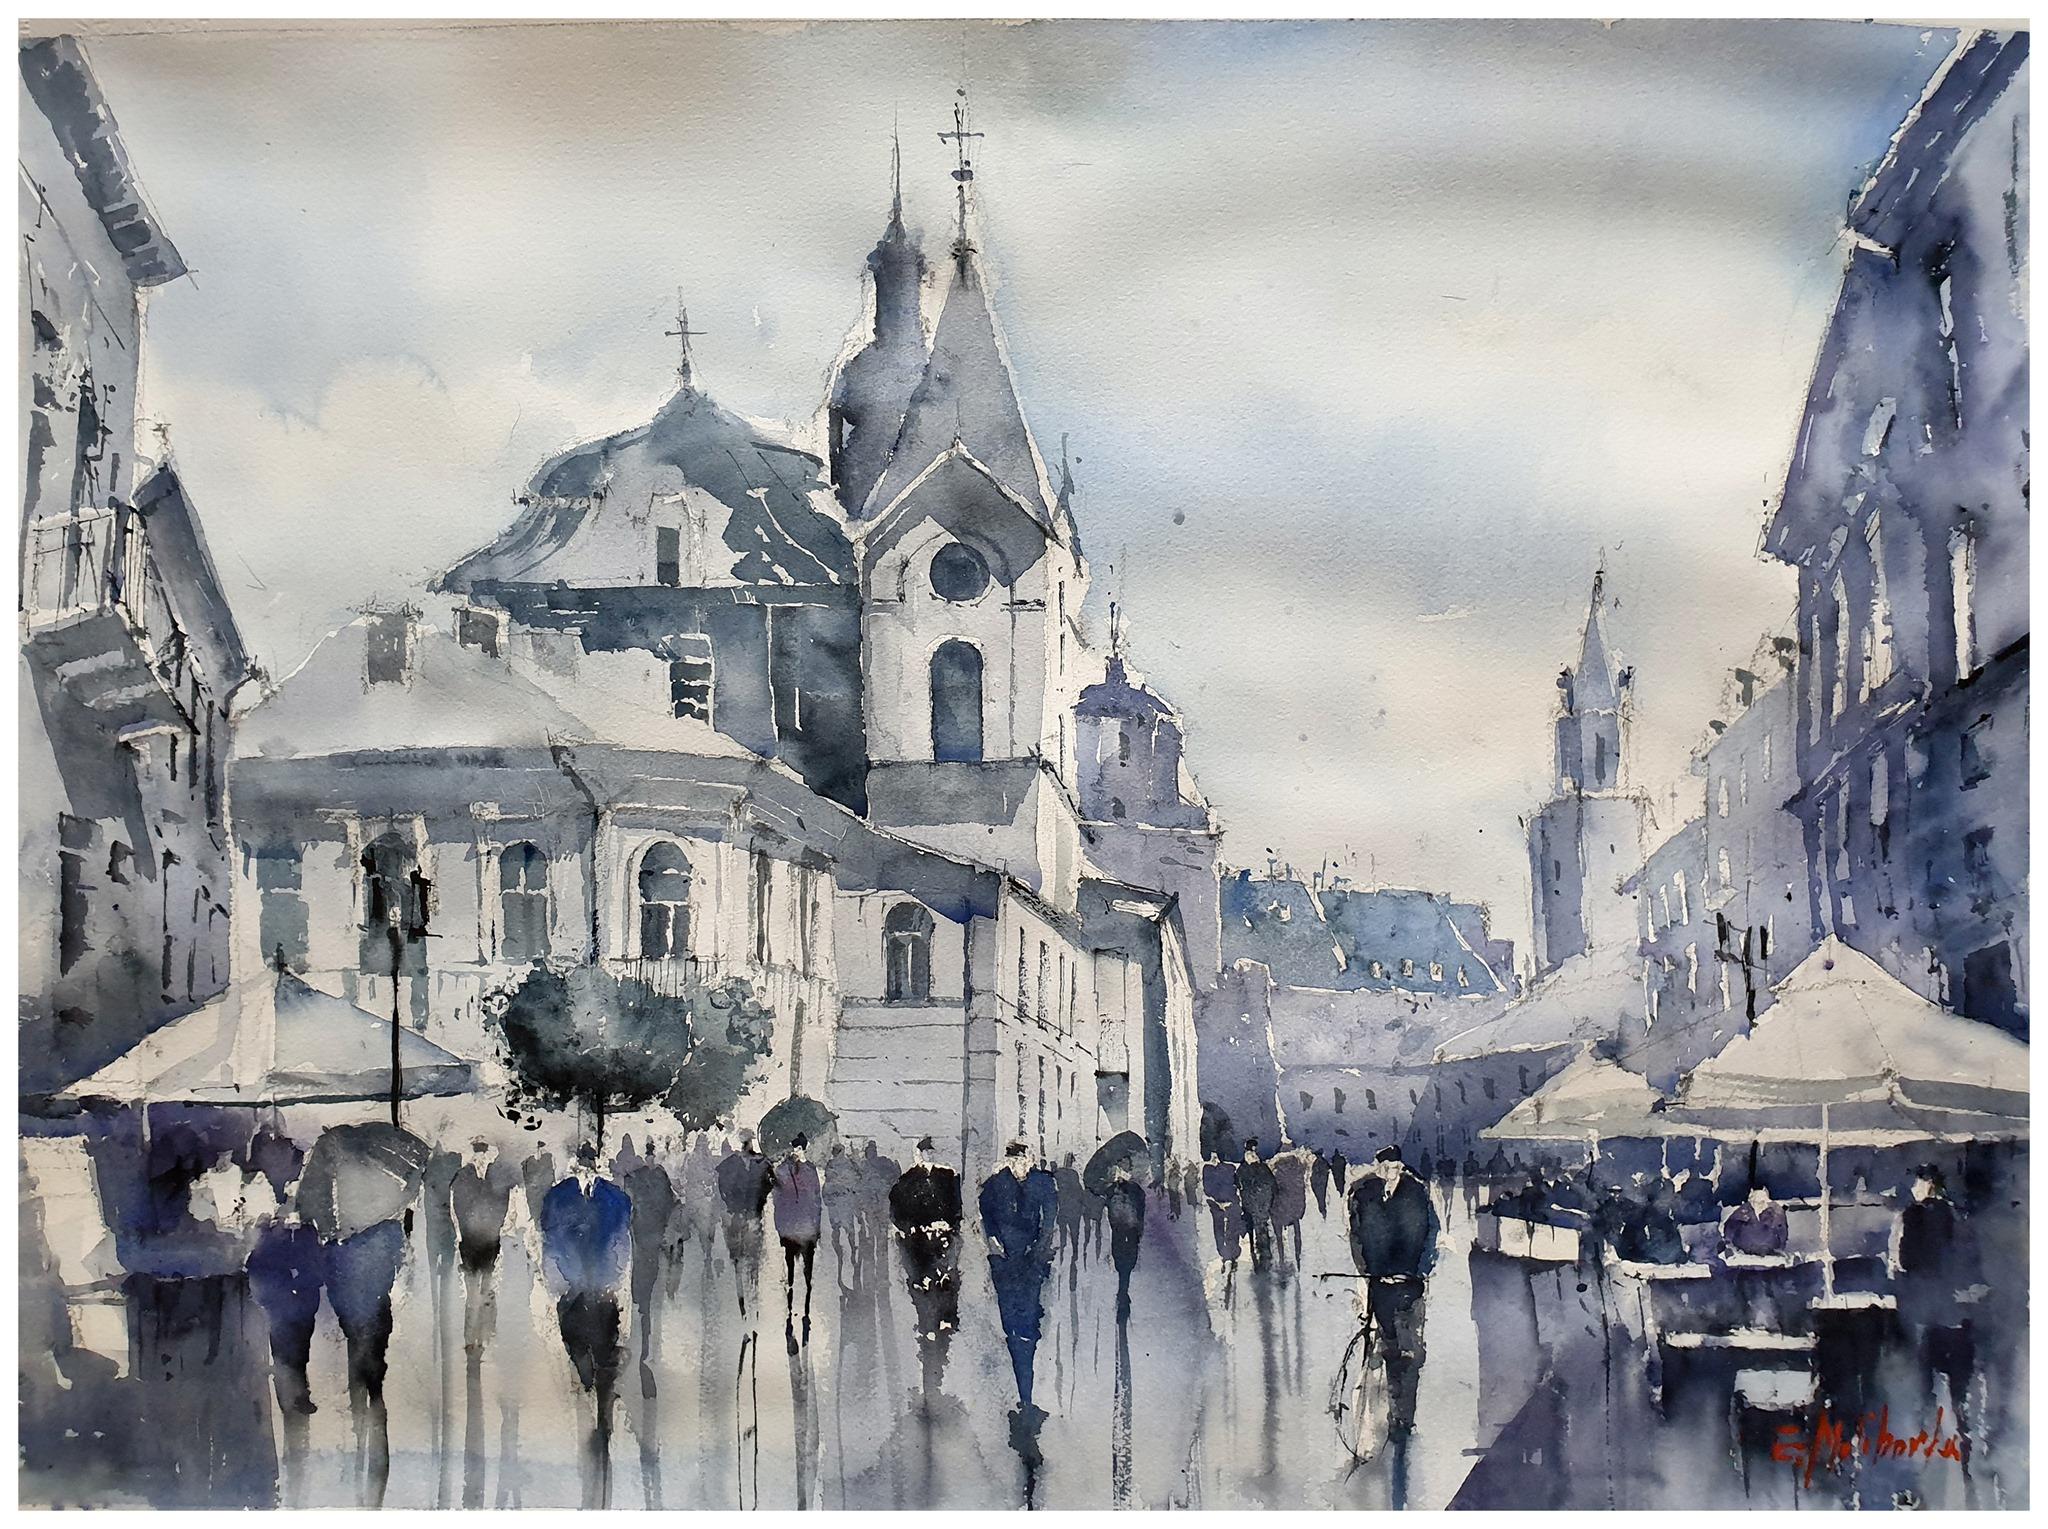 Krakowskie_Przednieście_po_deszczu